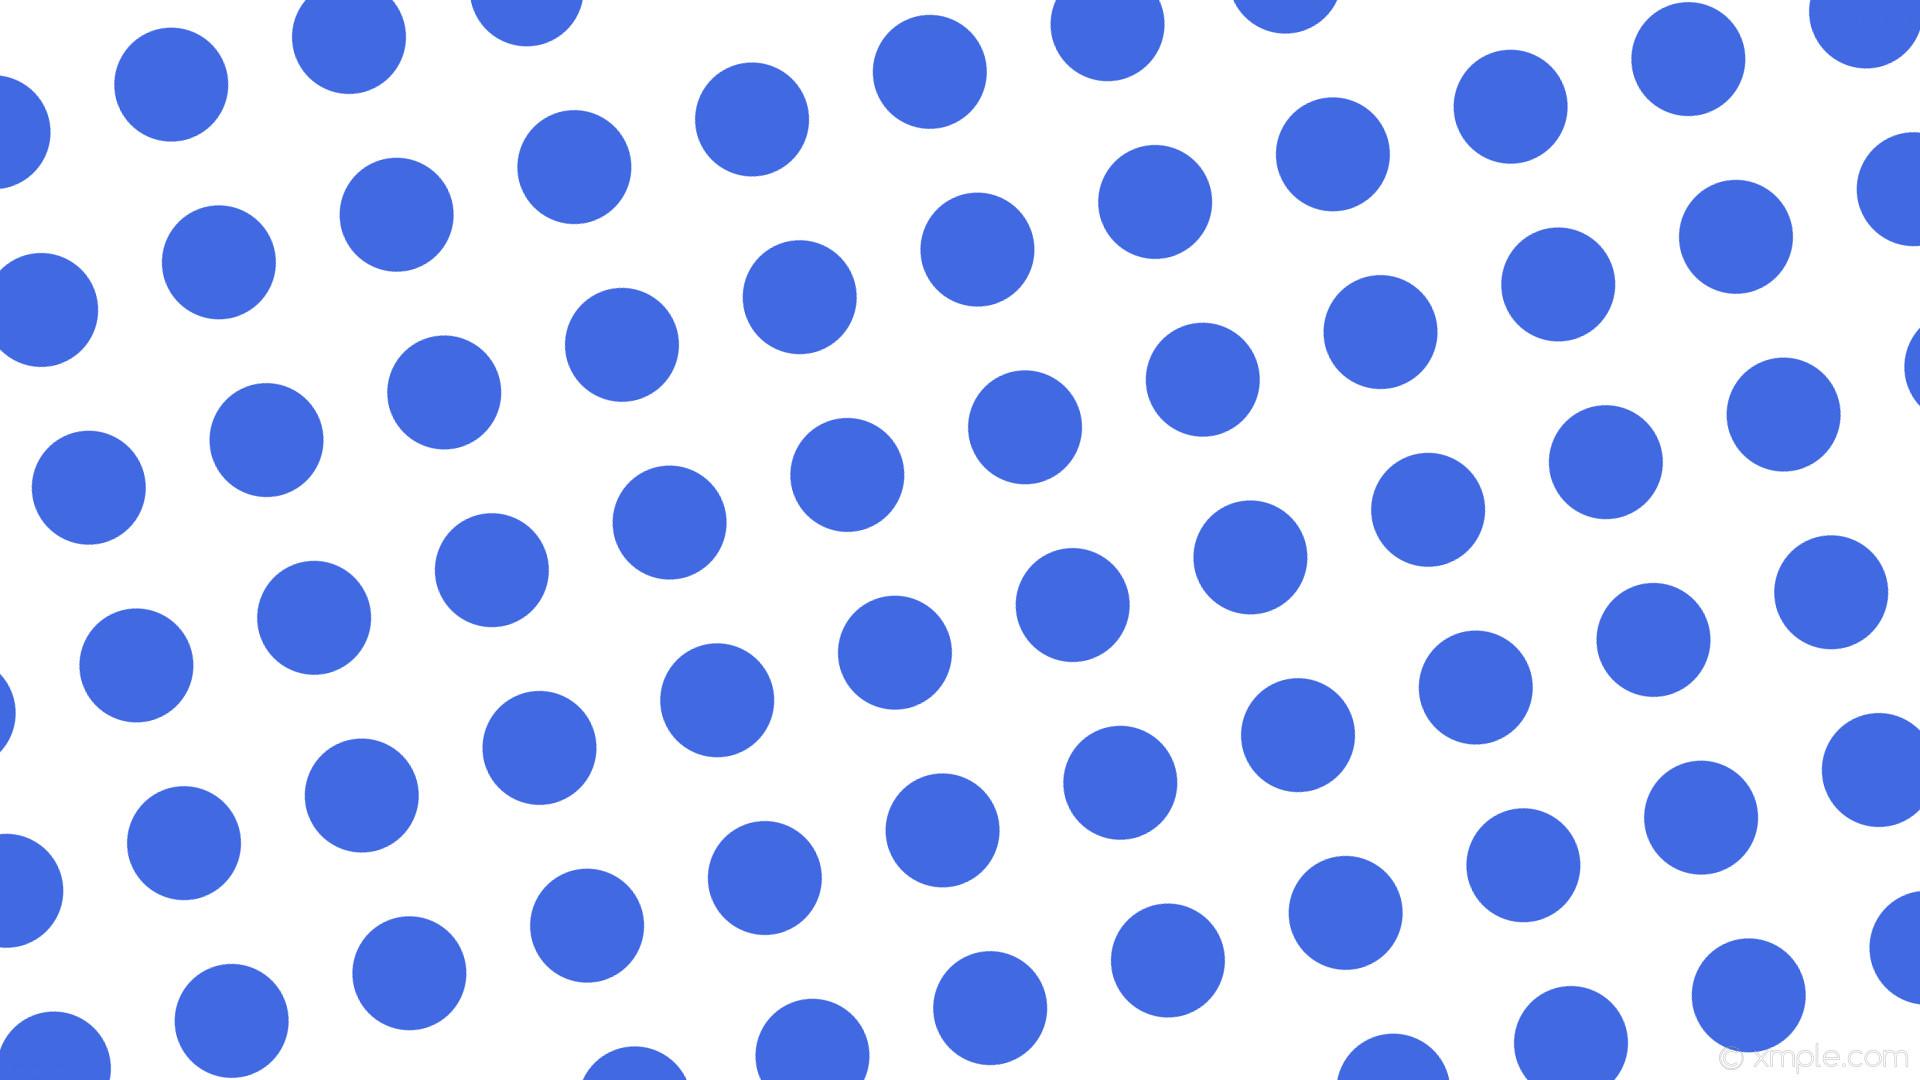 wallpaper white polka dots blue spots royal blue #ffffff #4169e1 285° 114px  184px